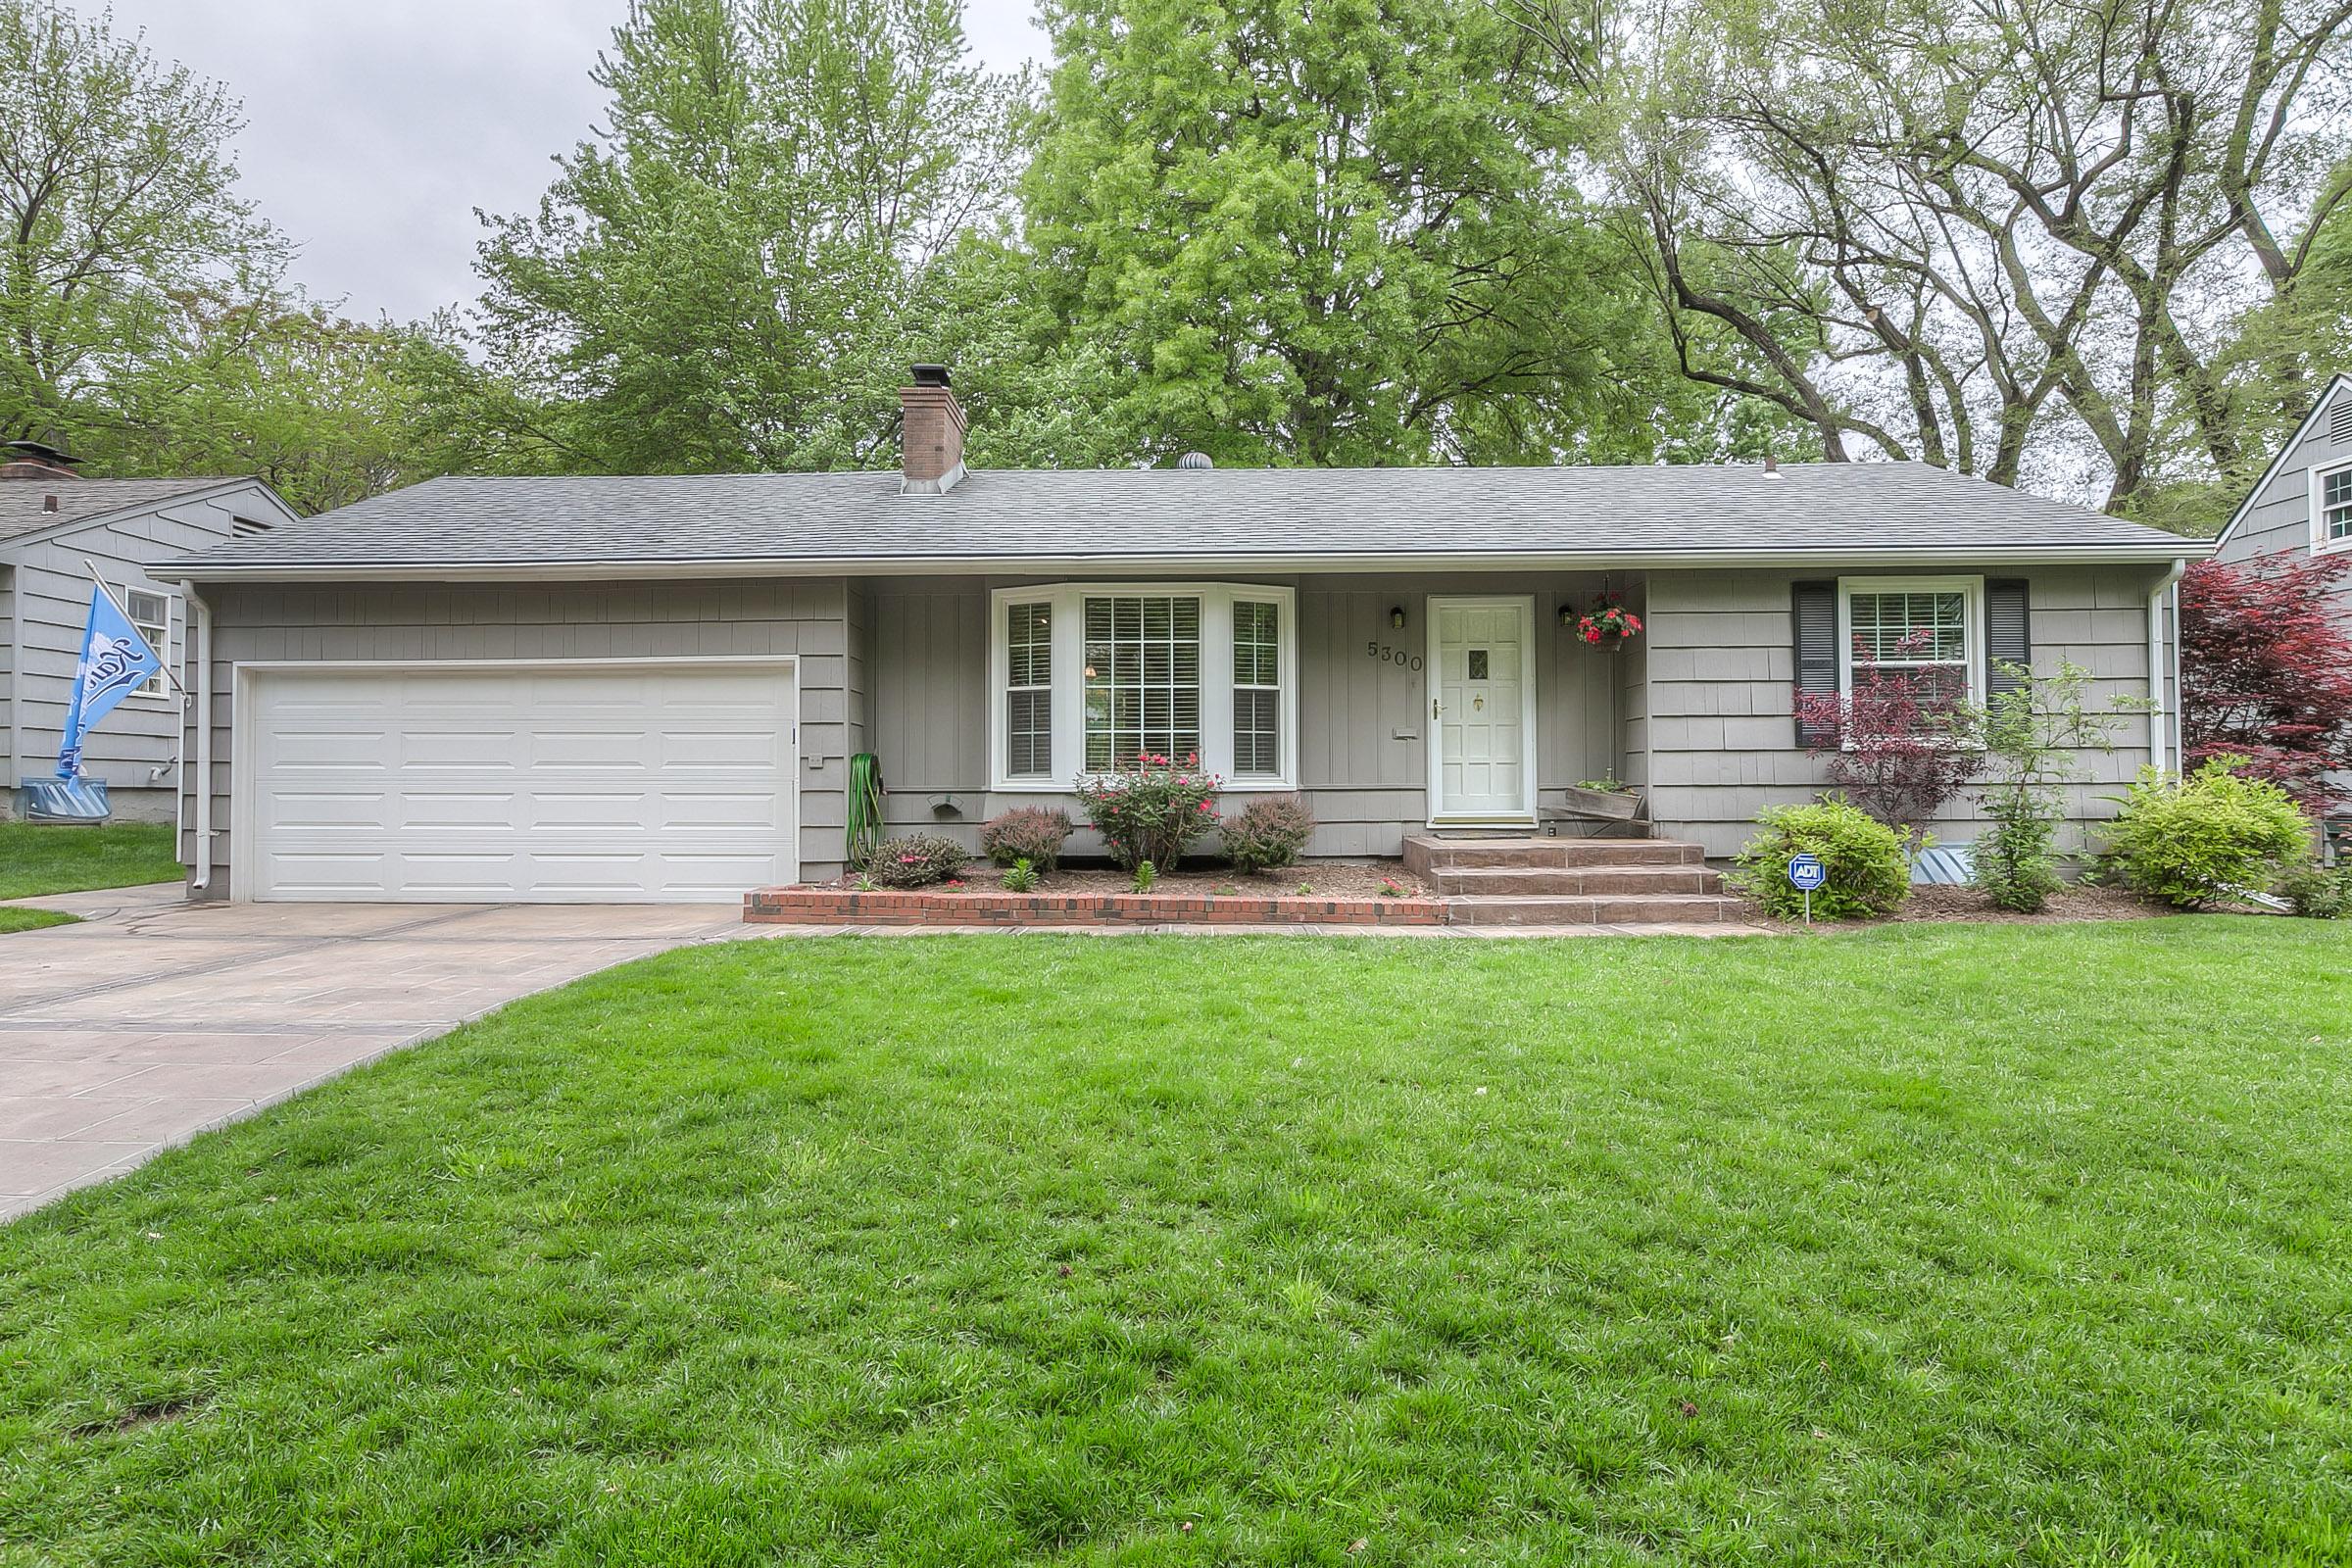 5300 W 73rd St., Prairie Village, KS 66208